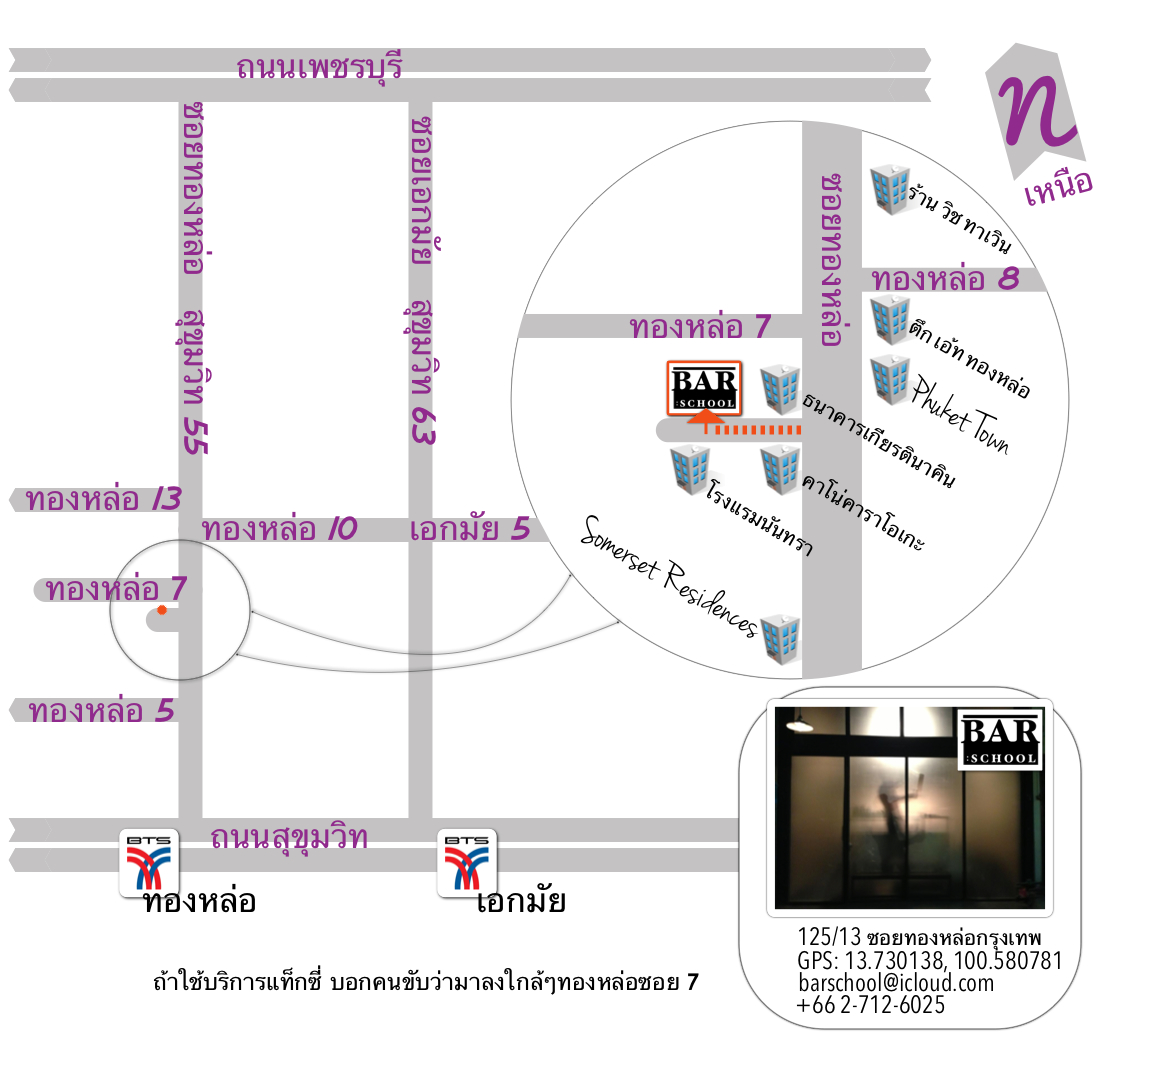 Map in Thai - แผนที่